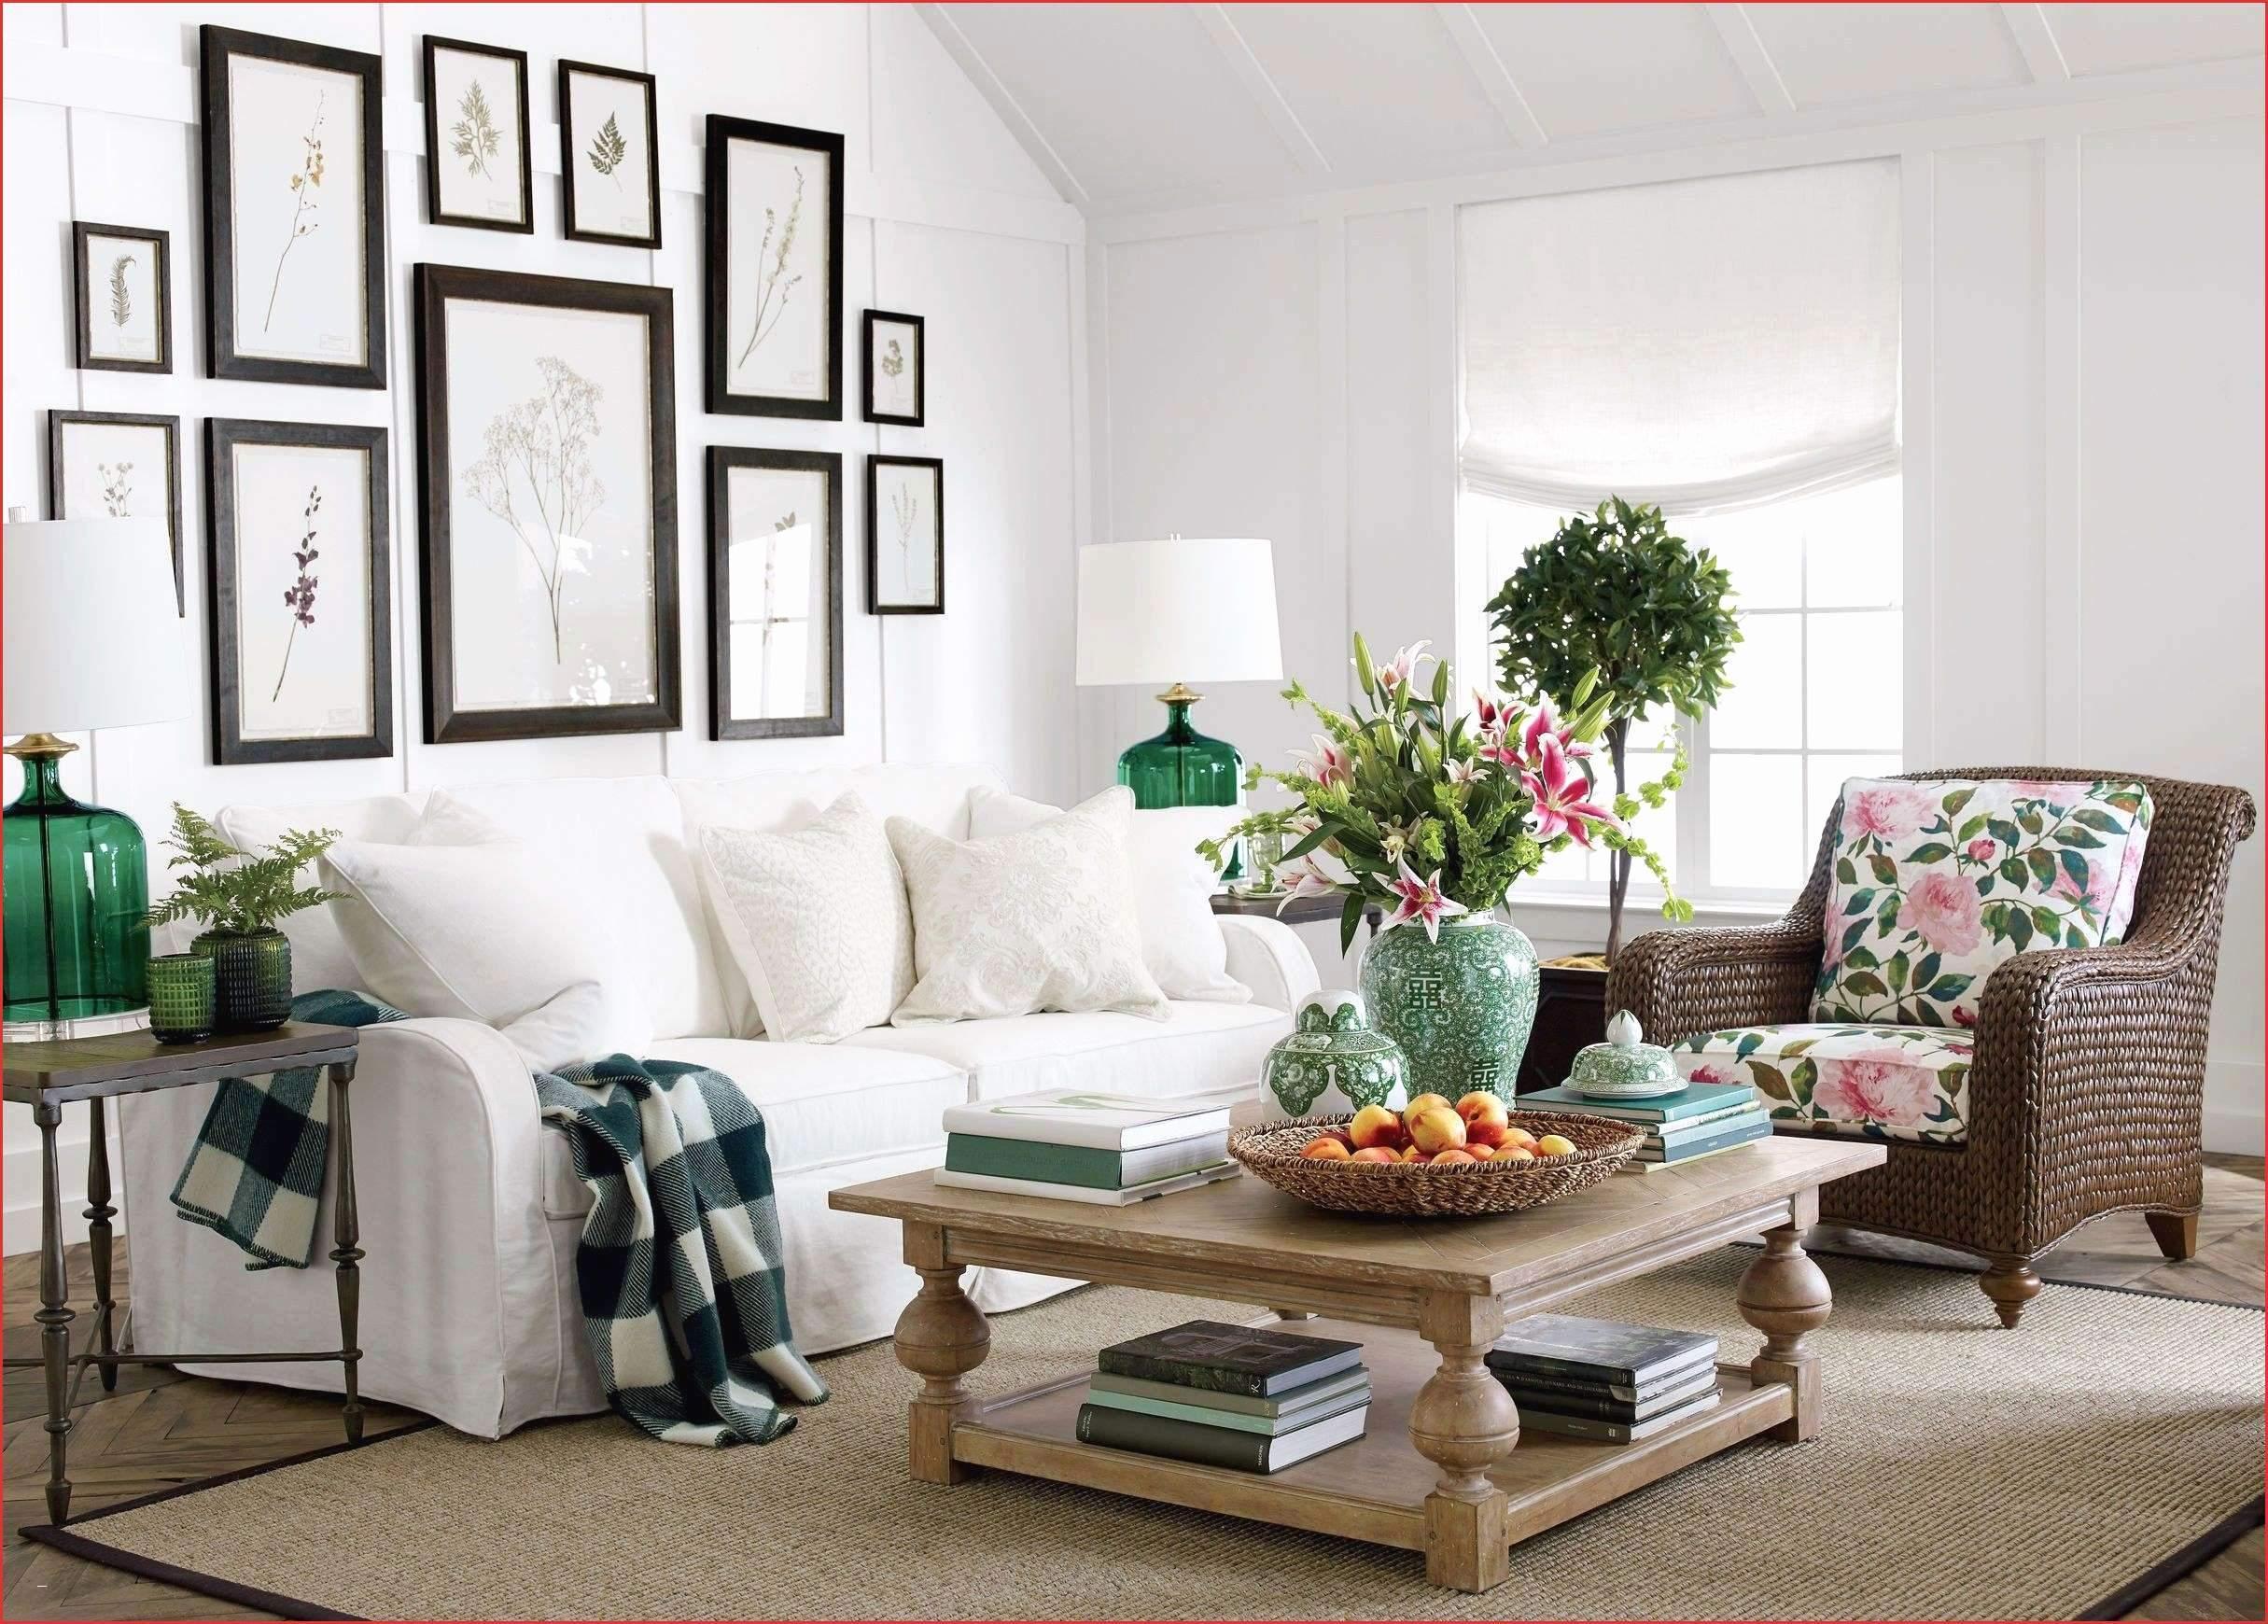 Full Size of Deckenspots Wohnzimmer 25 Schn Einzigartig Das Beste Vitrine Weiß Stehlampe Großes Bild Moderne Deckenleuchte Heizkörper Hängeschrank Deckenlampe Tapete Wohnzimmer Deckenspots Wohnzimmer